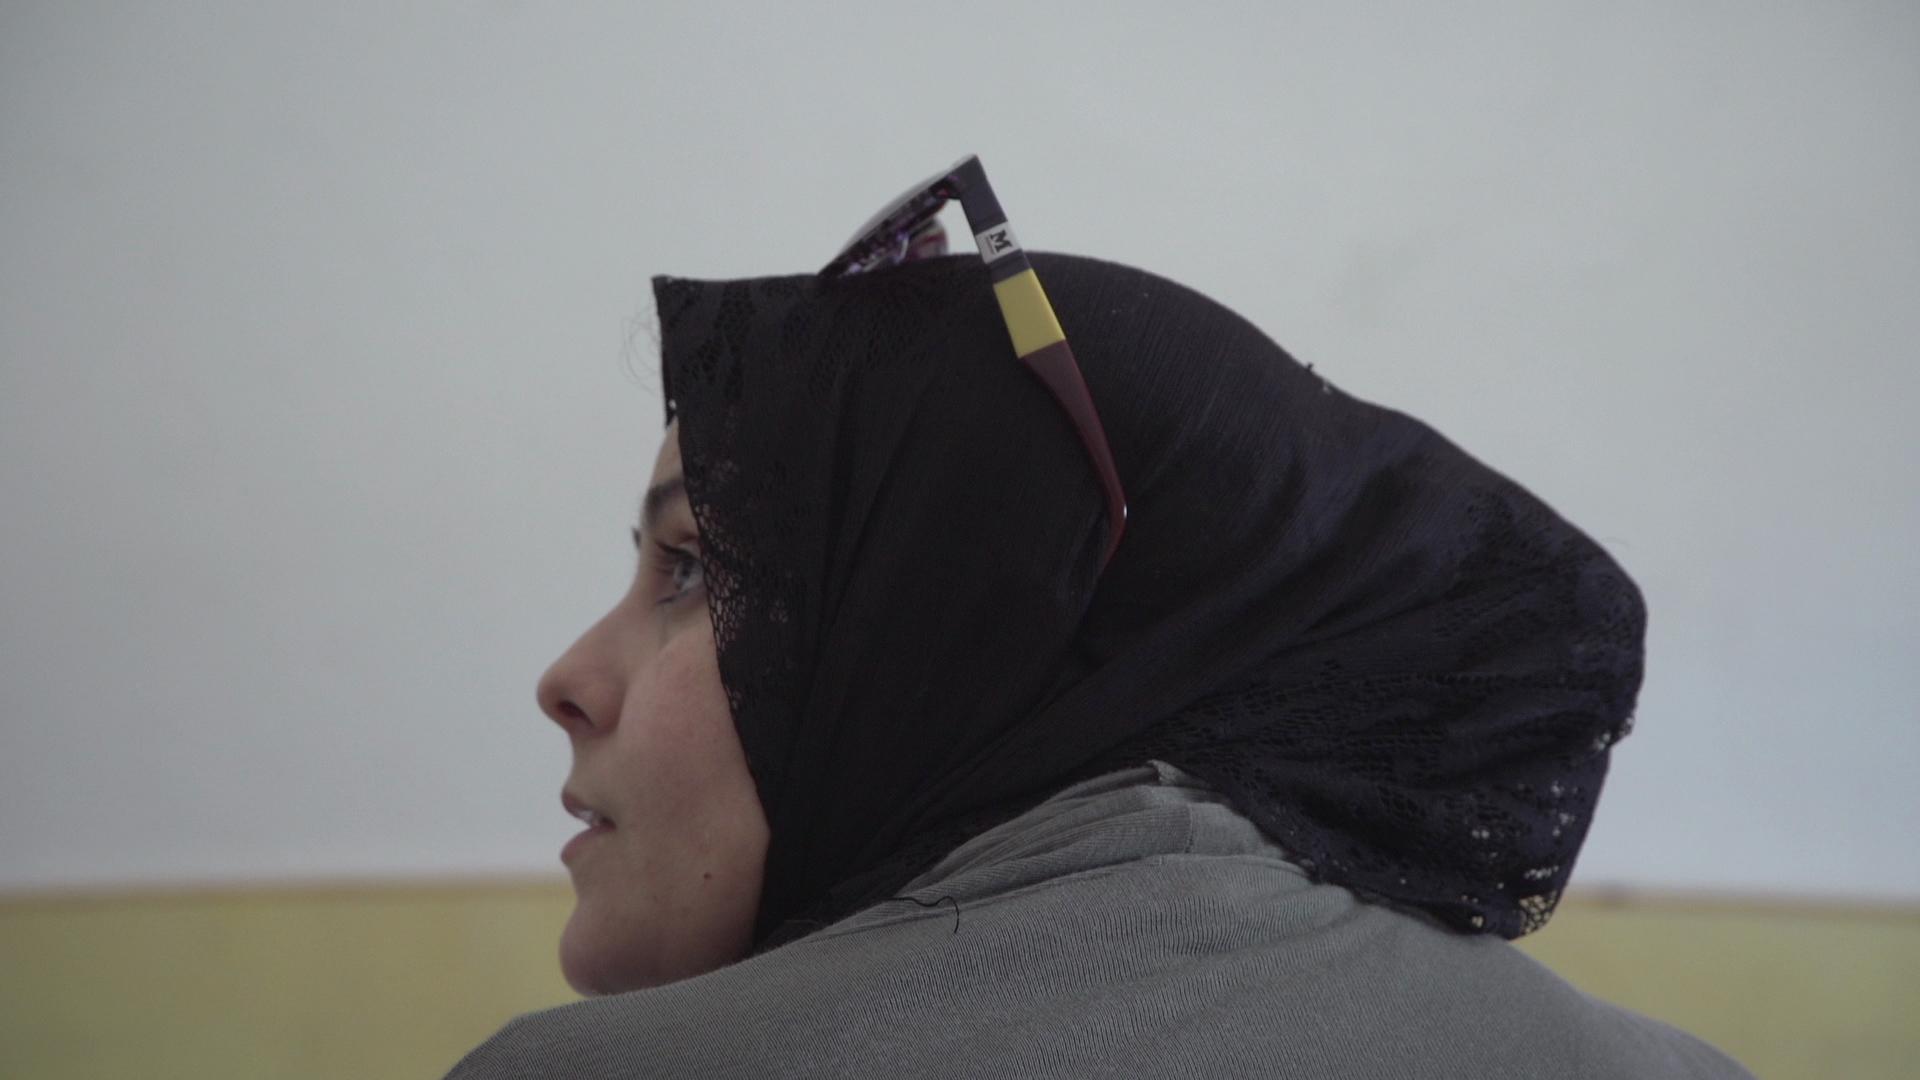 Perla Sardella Prendere la parola Filmmaker Festival Premio Prospettive